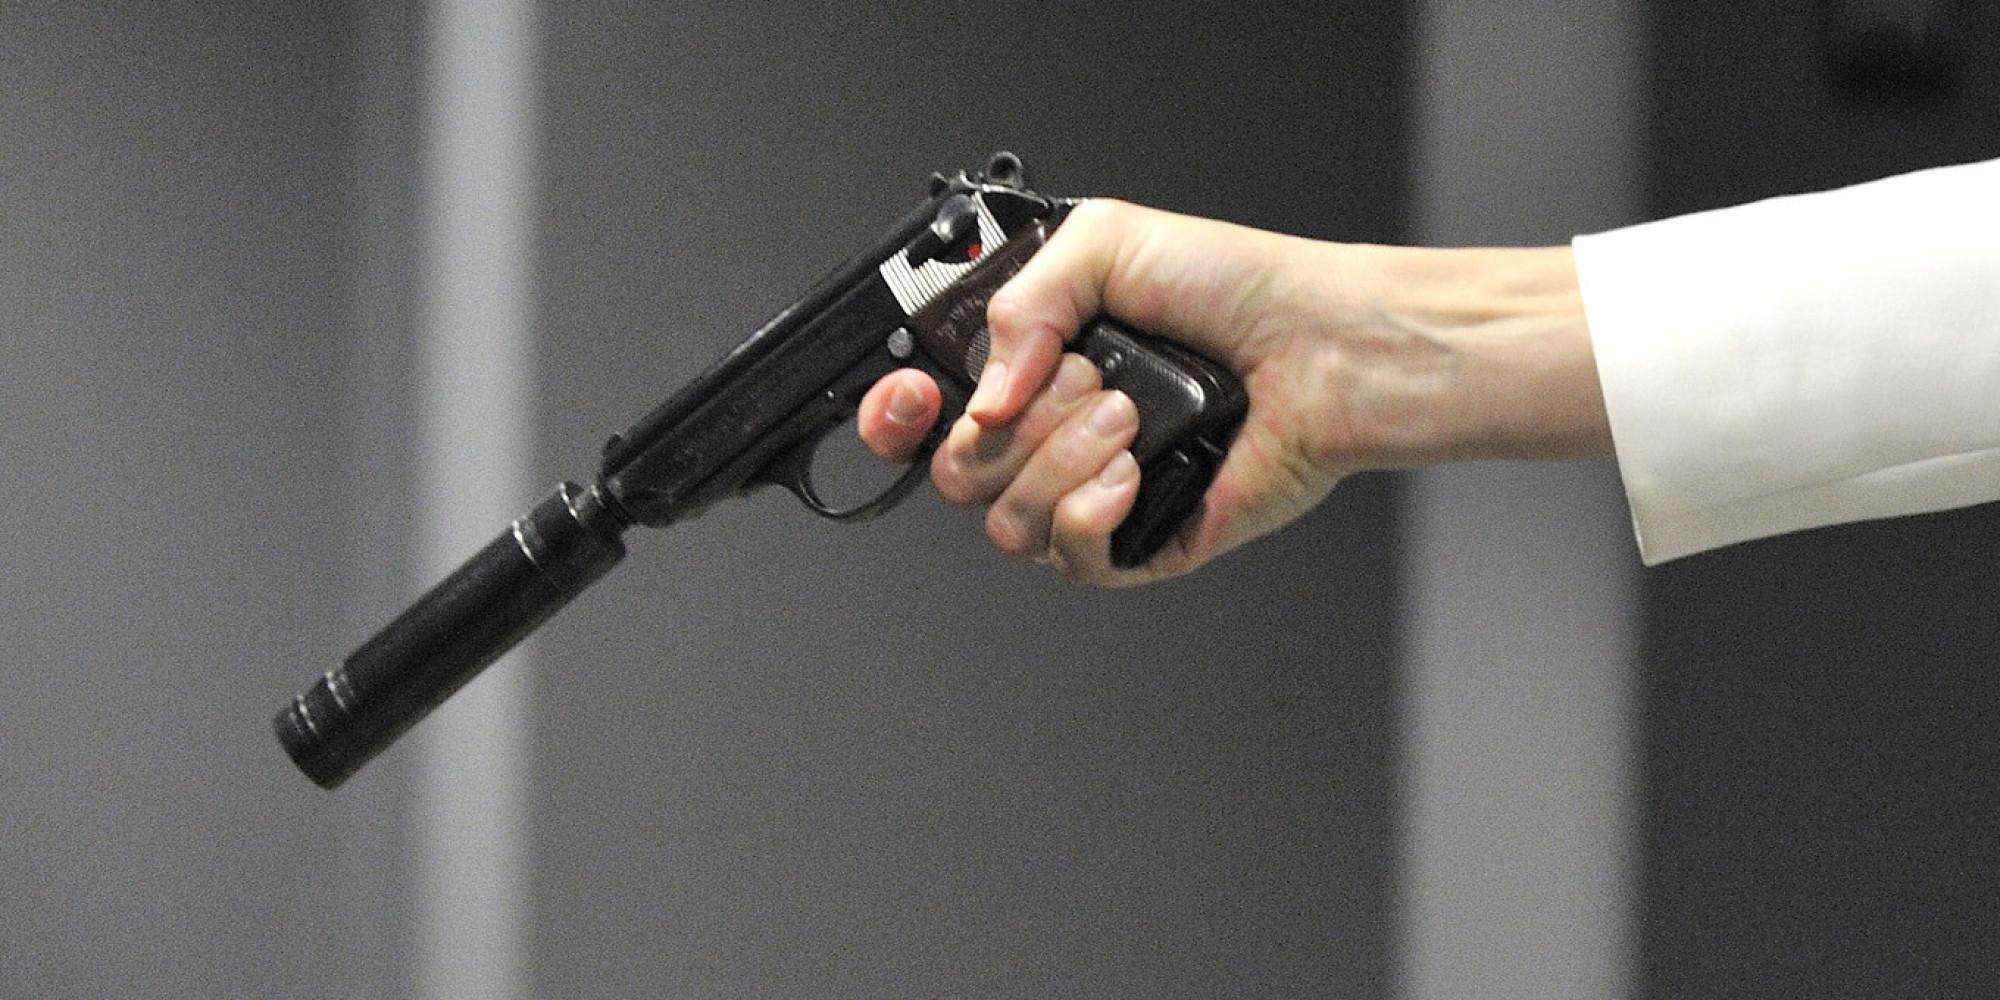 Iowa House Votes To Legalize Gun Silencers | HuffPost